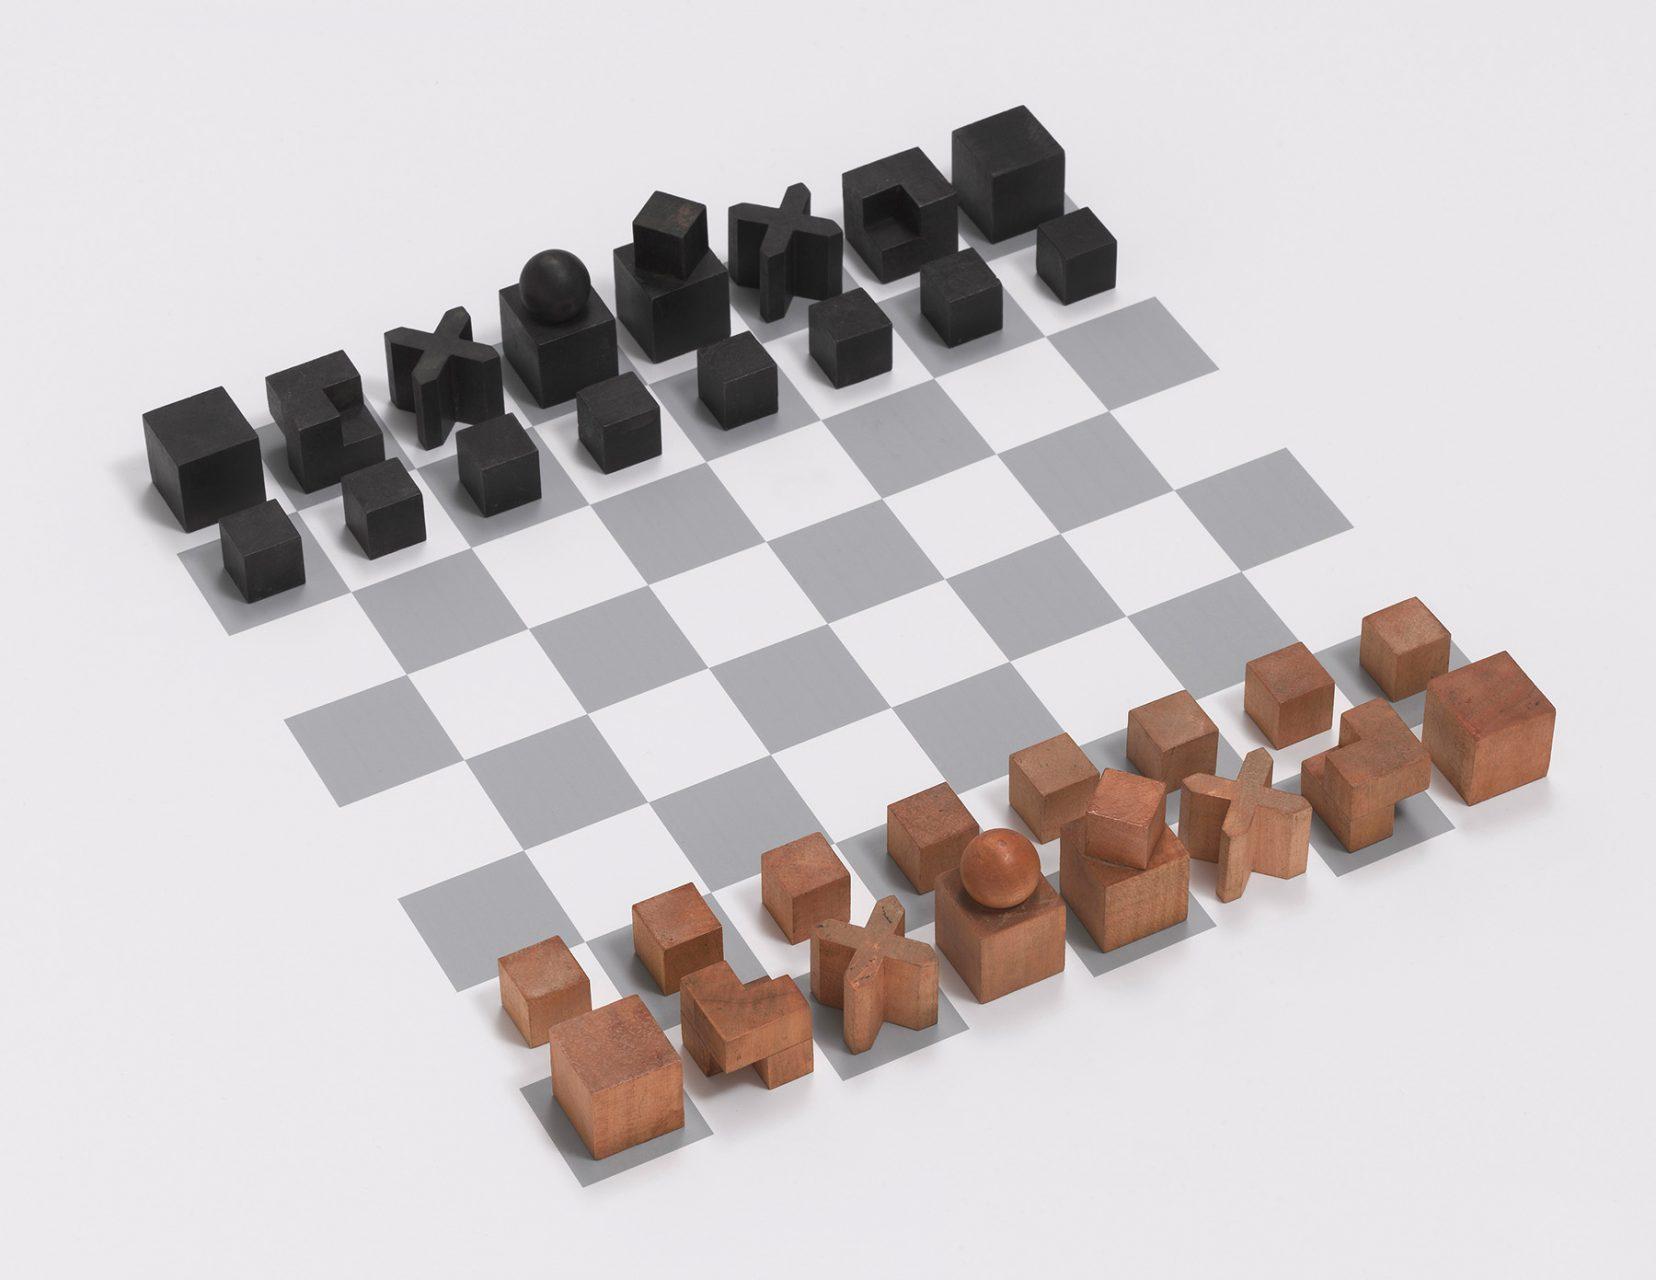 Josef Hartwig. Schachspiel, Modell Nr. XVI, 1924, Birnbaumholz, unbehandelt und gebeizt, Produziert vom Bauhaus, Weimar, New York, The Museum of Modern Art, Schenkung von Alfred H. Barr Jr.